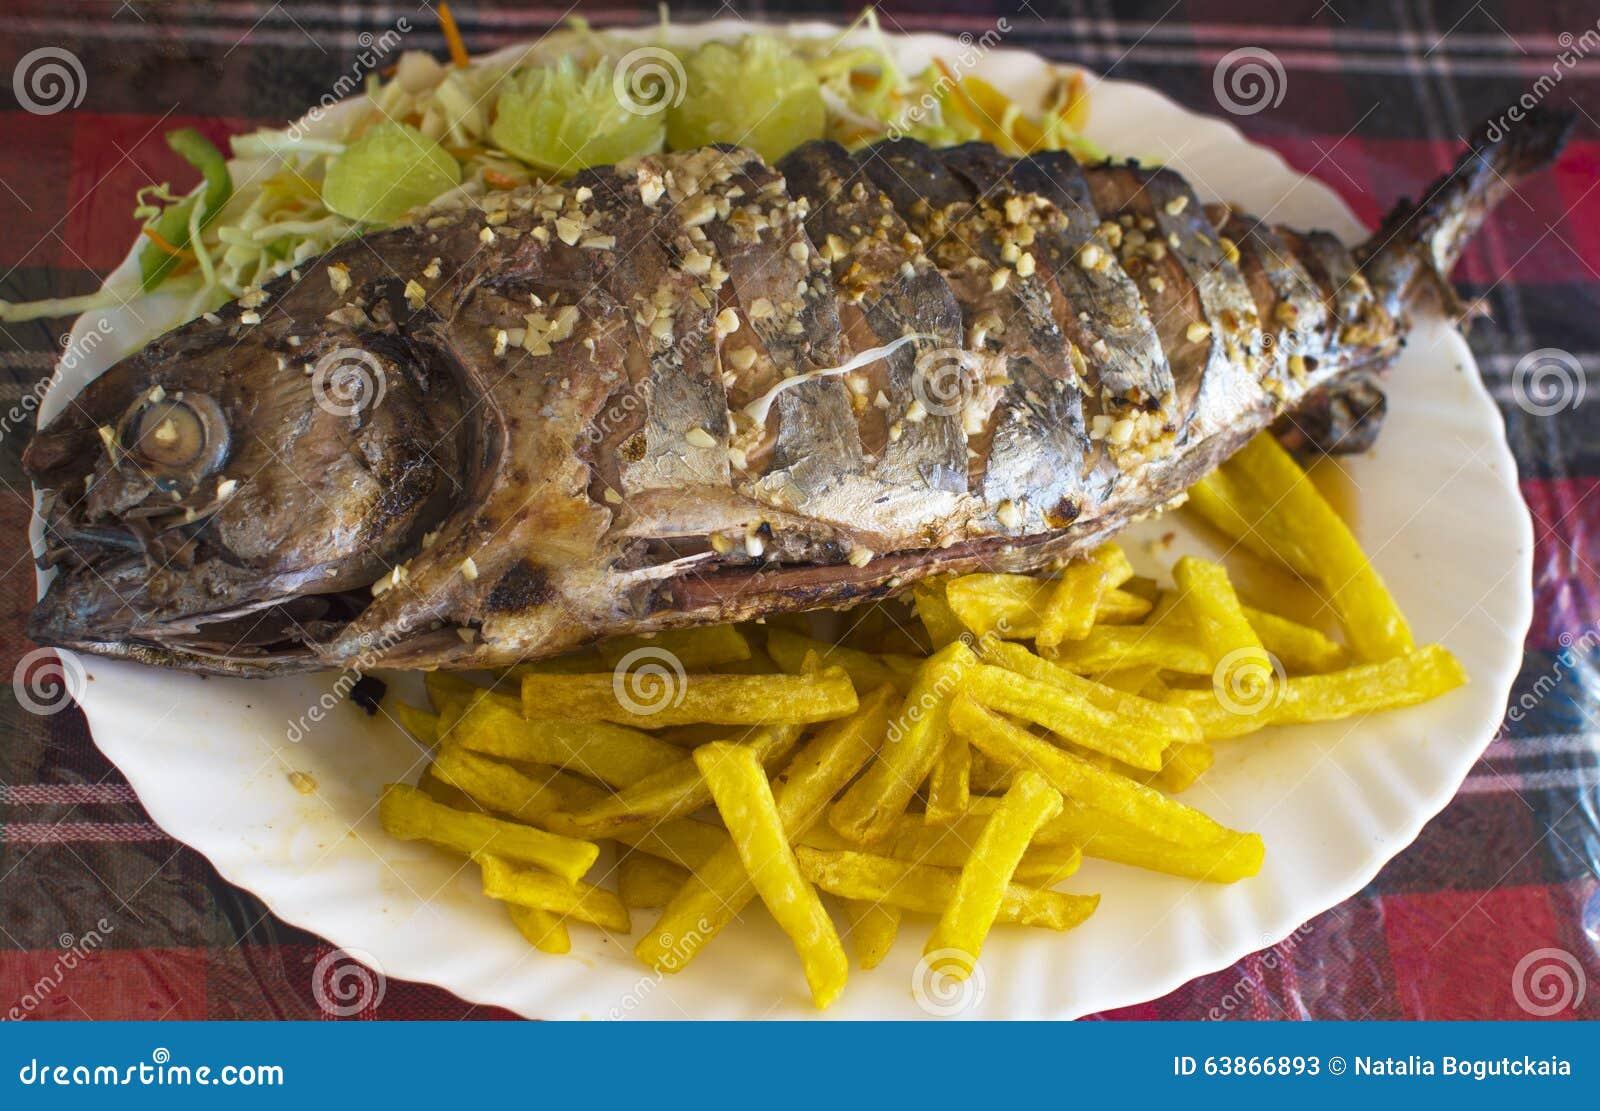 Piatto Di Pesce Un Tonno Fritto Immagine Stock Immagine Di Patate